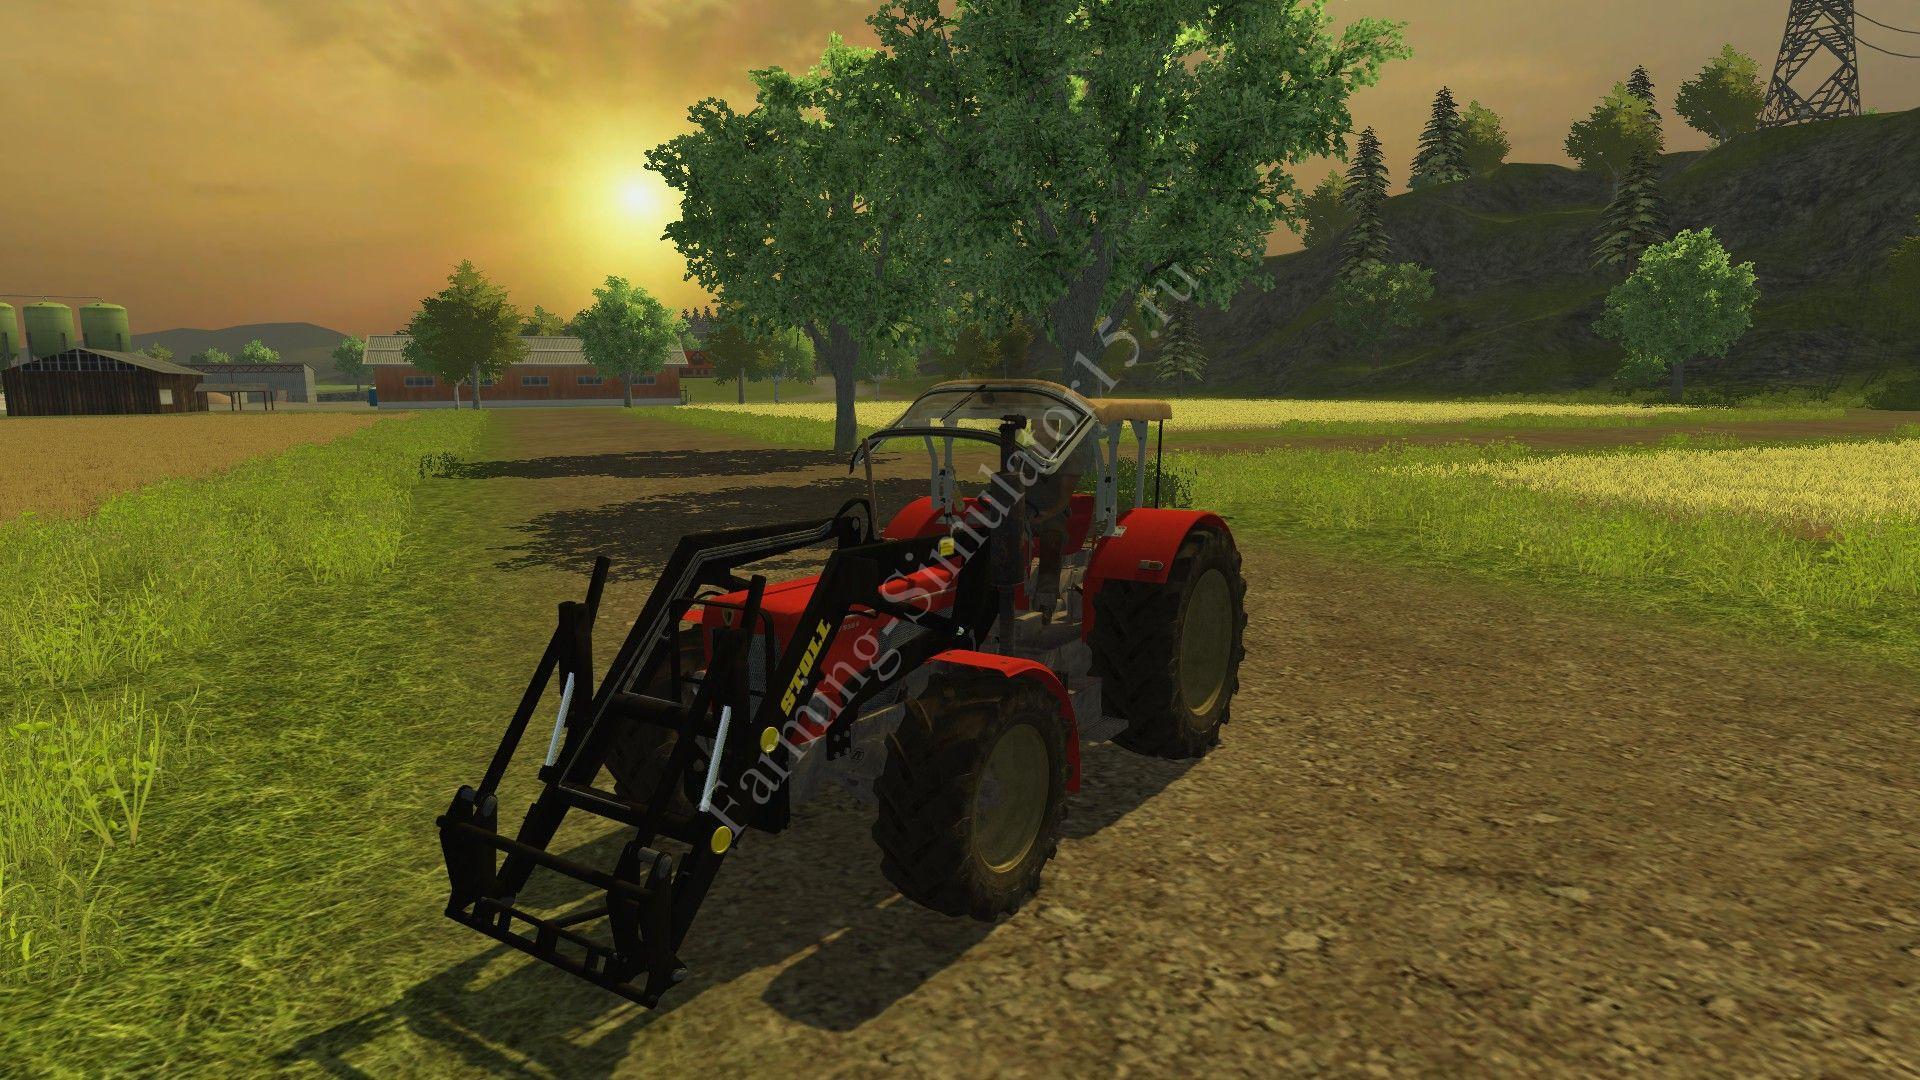 Мод трактора Schlüter Compact 850 V Stoll FL v 1.0 Farming Simulator 2013, Farming Simulator 13